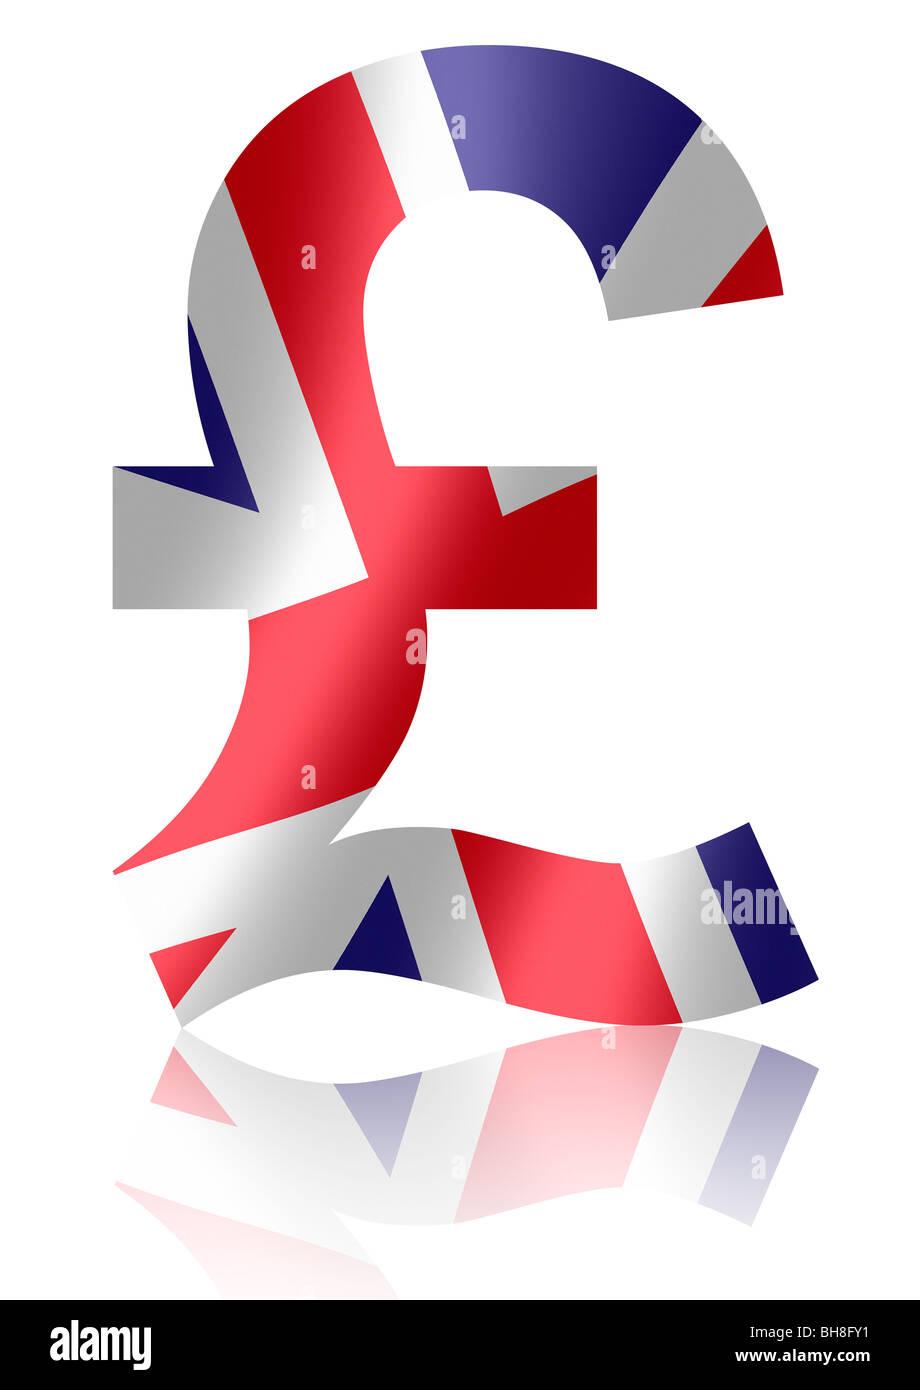 Pound symbol in uk united kingdom great britain england scotland pound symbol in uk united kingdom great britain england scotland national flag buycottarizona